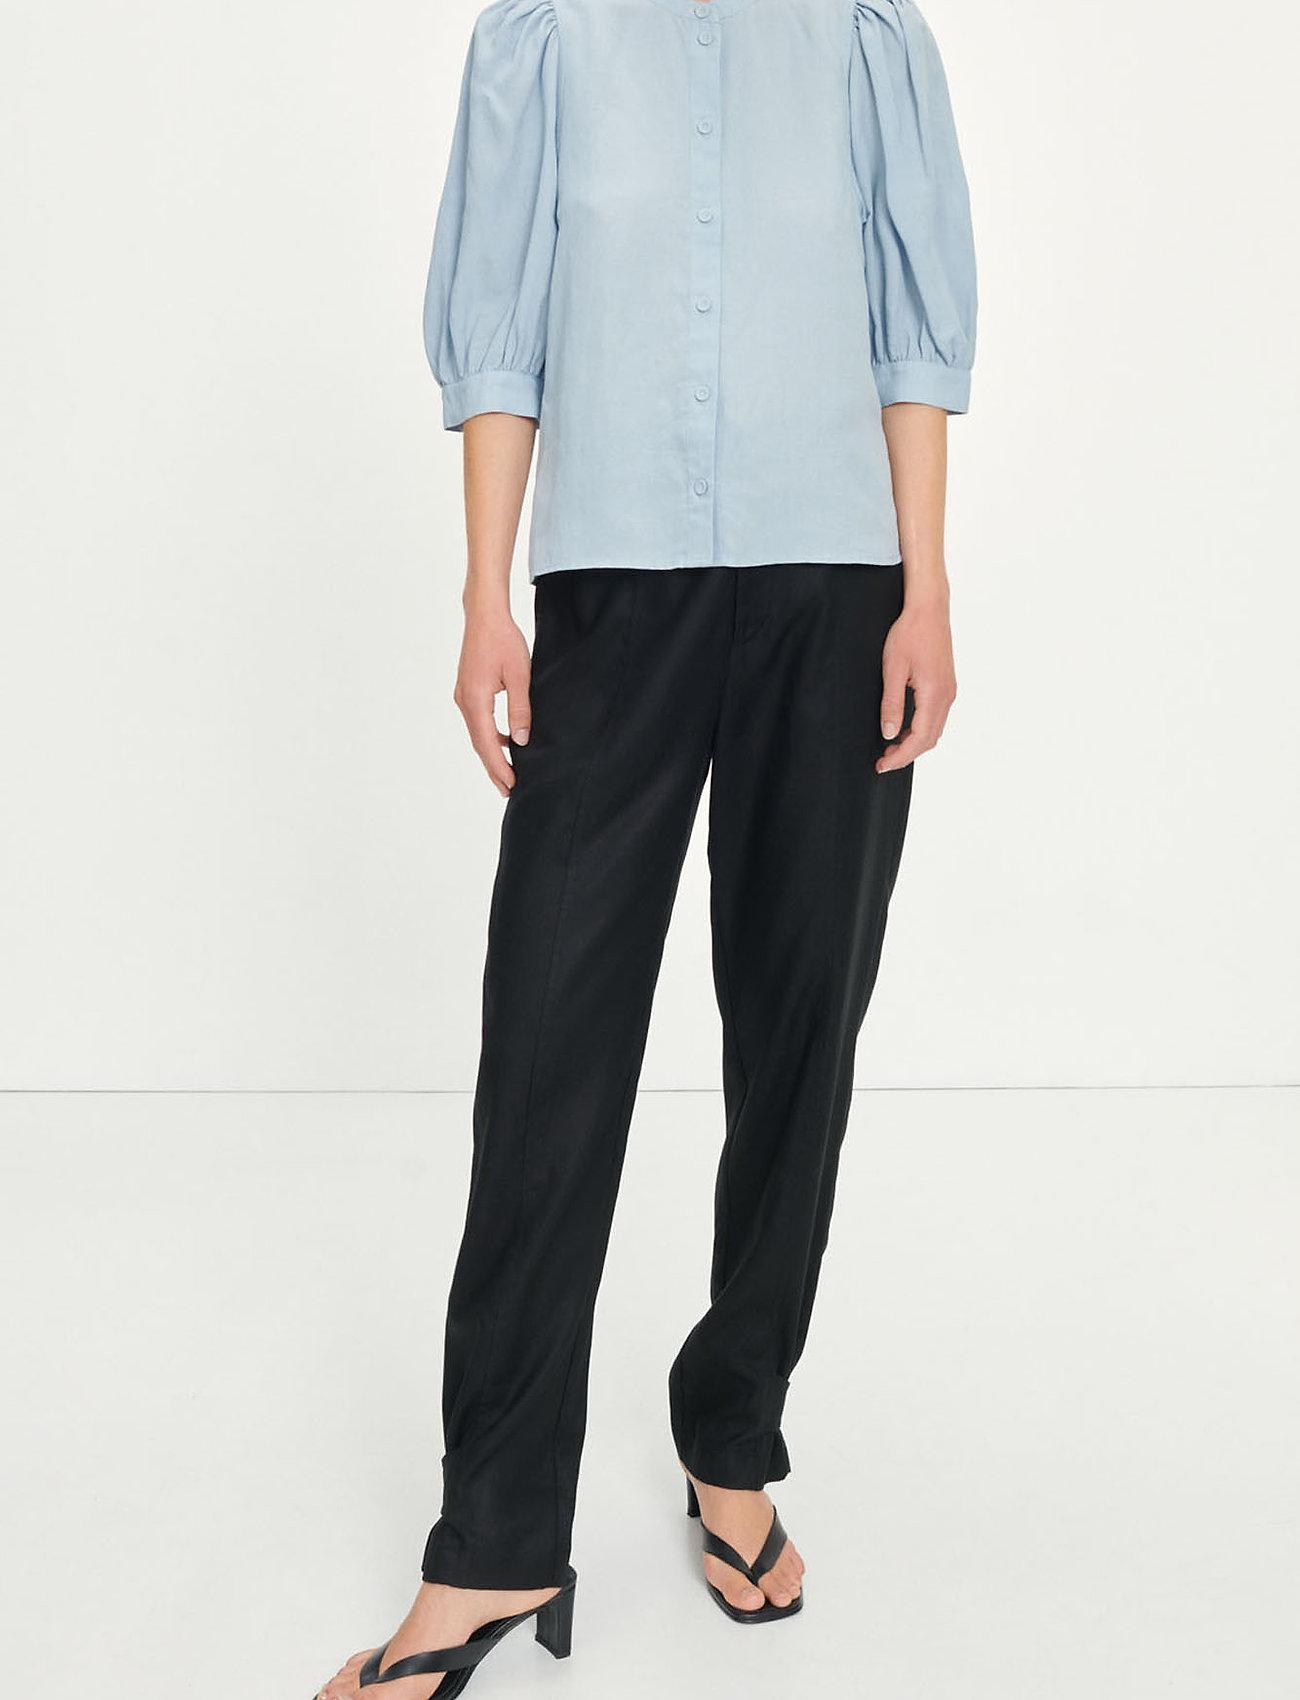 Samsøe Samsøe - Mejse shirt 12771 - kortærmede skjorter - dusty blue - 0